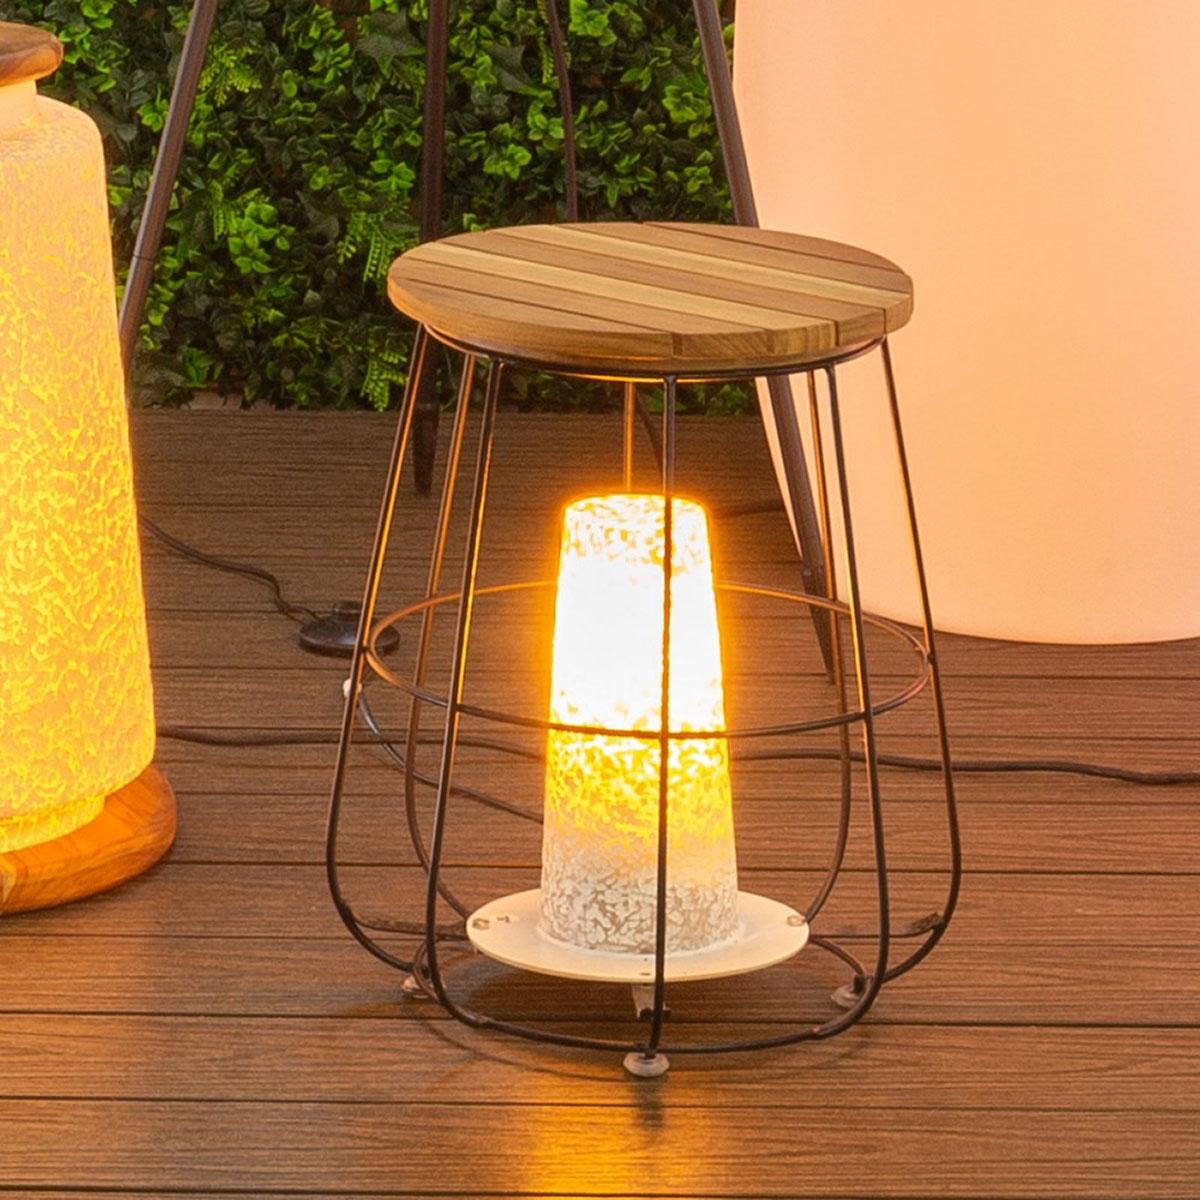 Lampe de table à poser en acier et bois - Ocre - 38.00 cm x 38.00 cm x 55.00 cm